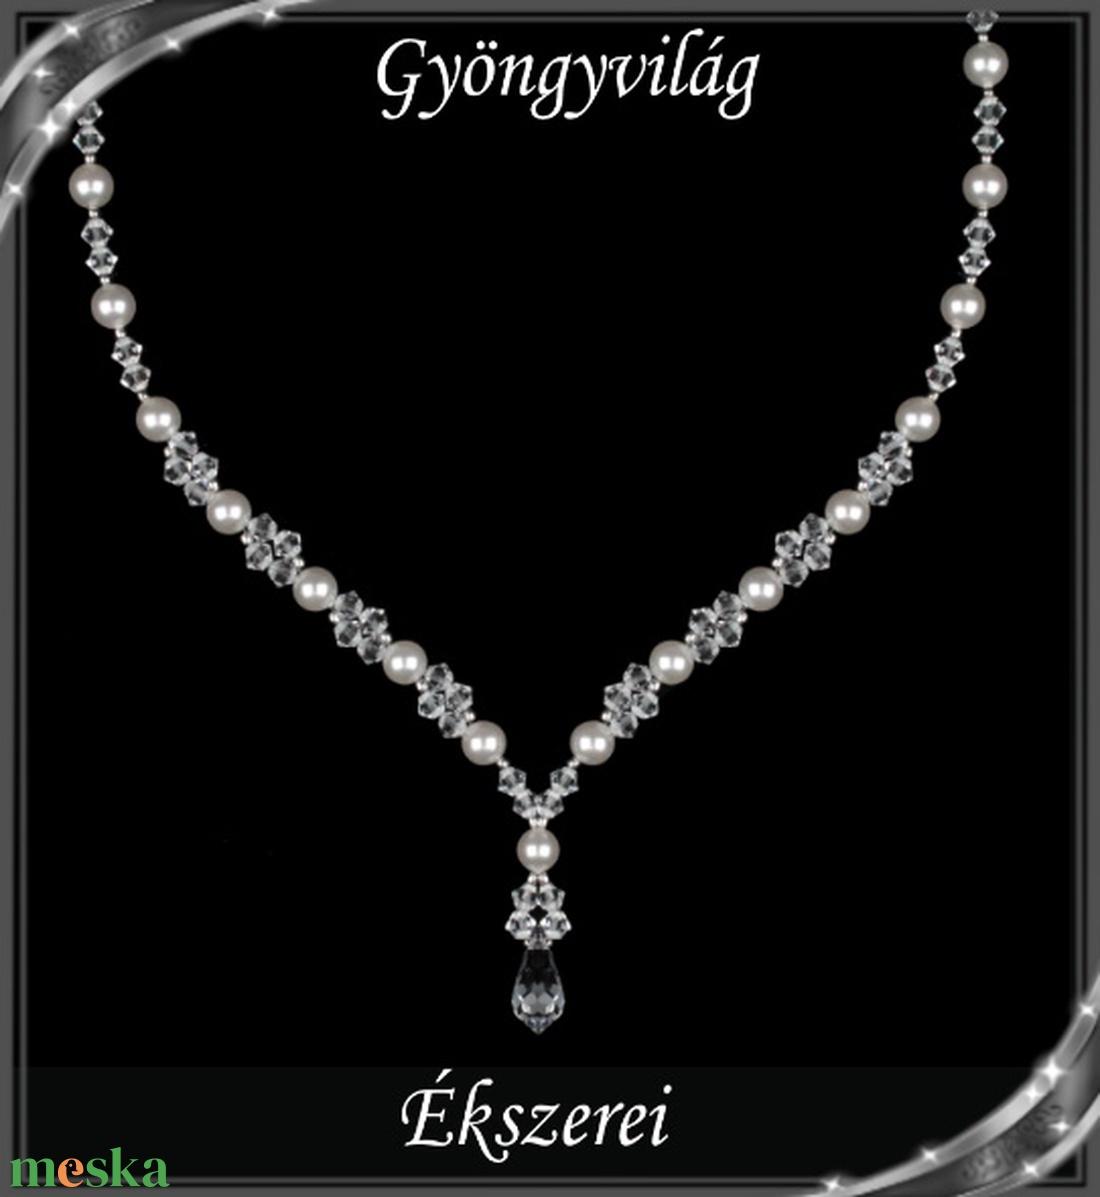 Ékszerek-szettek: Esküvői, menyasszonyi, alkalmi ékszer szett, swarovszki kristály SSZ-ESWF 05-1 - esküvő - ékszer - ékszerszett - Meska.hu